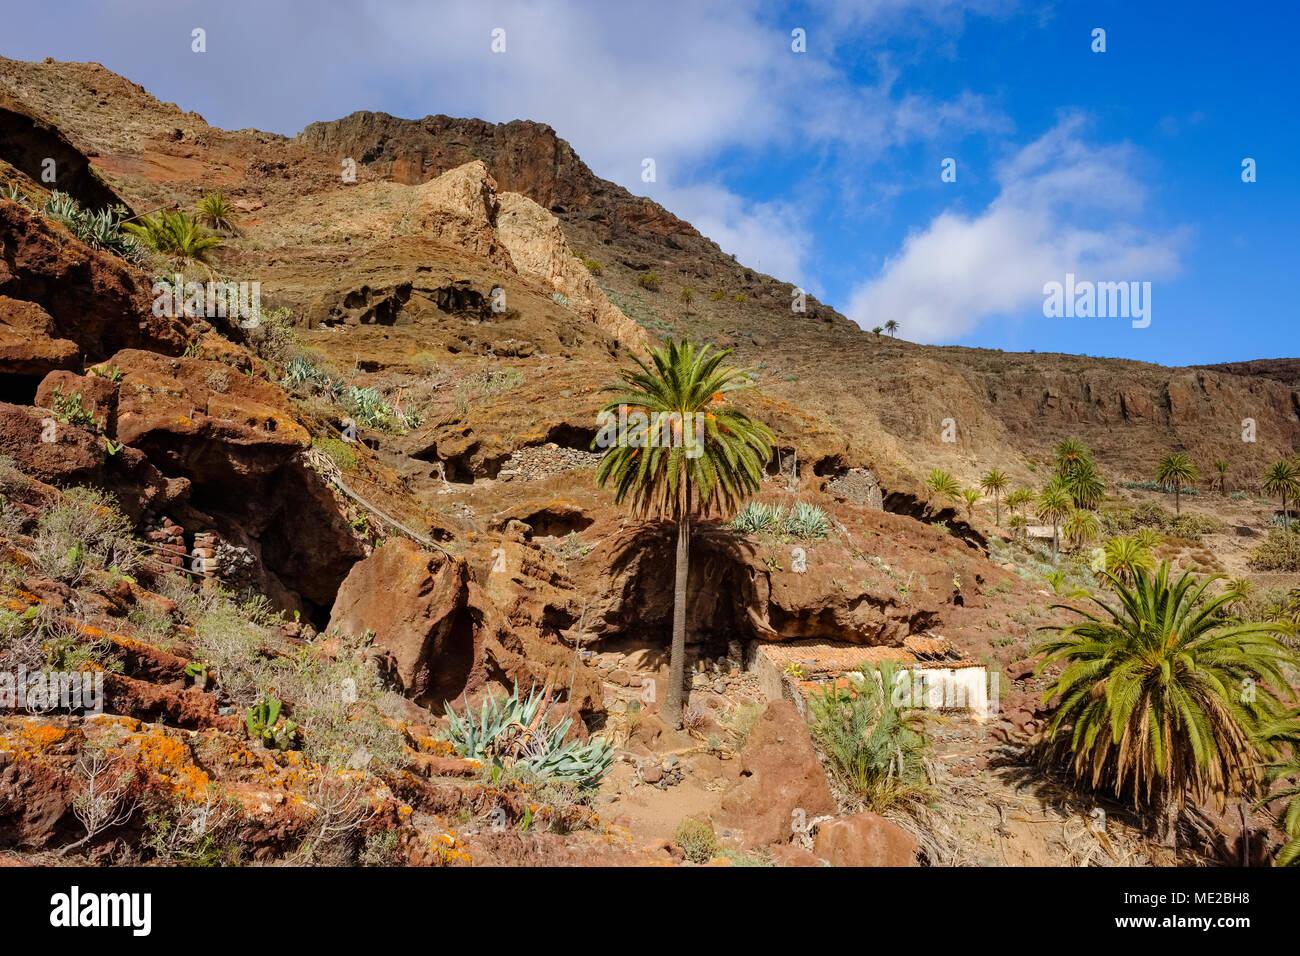 Alte Höhle Wohnung auf Calvario Berg, Alajero La Gomera, Kanarische Inseln, Spanien Stockbild